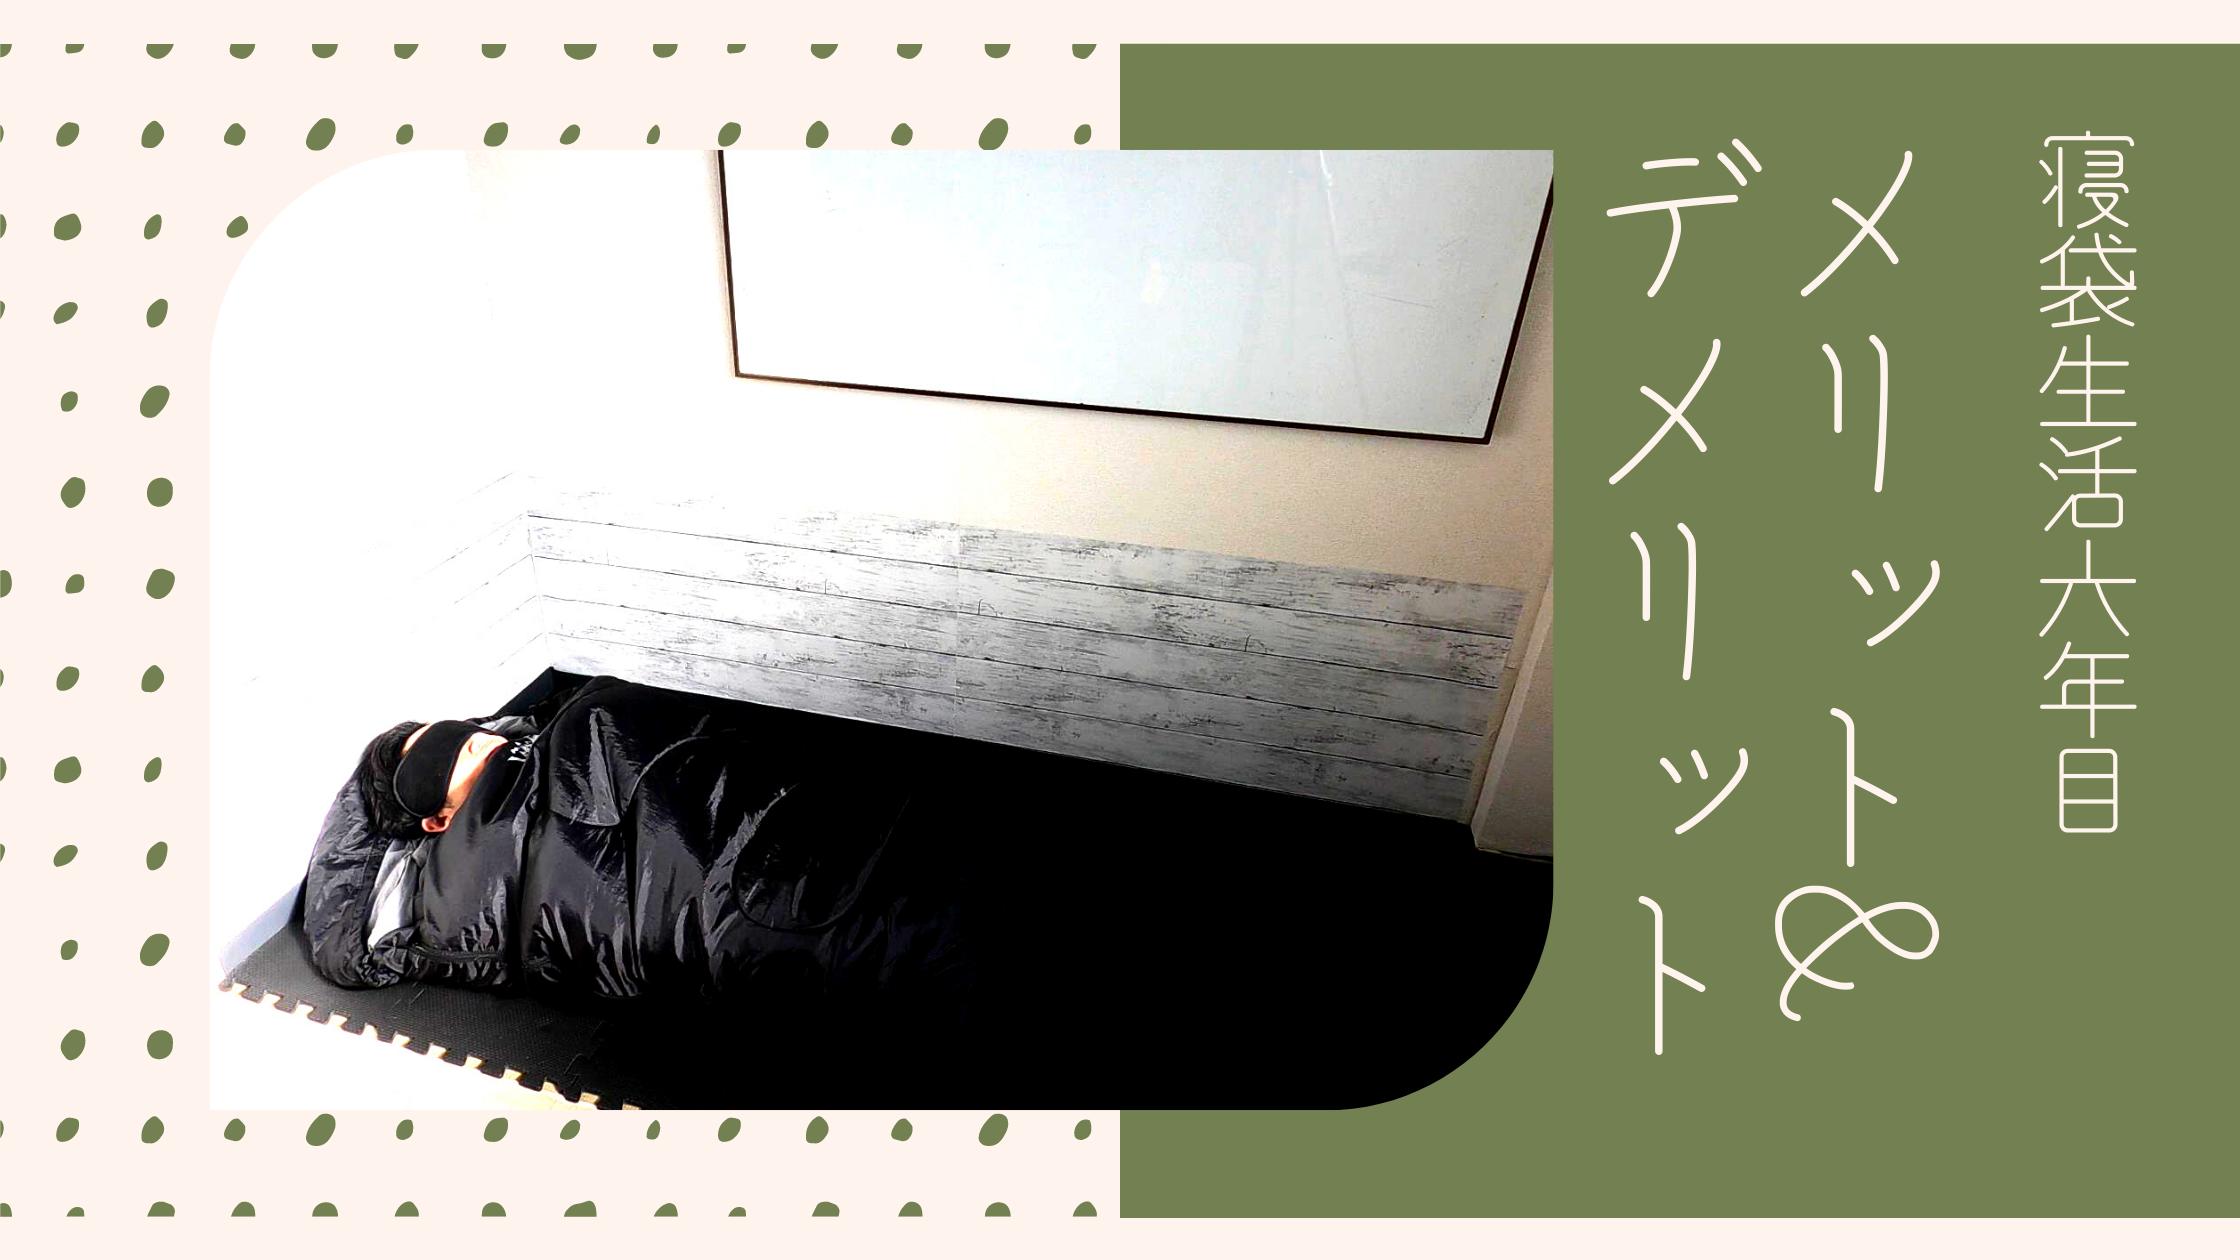 床で寝ると姿勢が治るのは本当か?床で寝て感じたメリット、デメリット